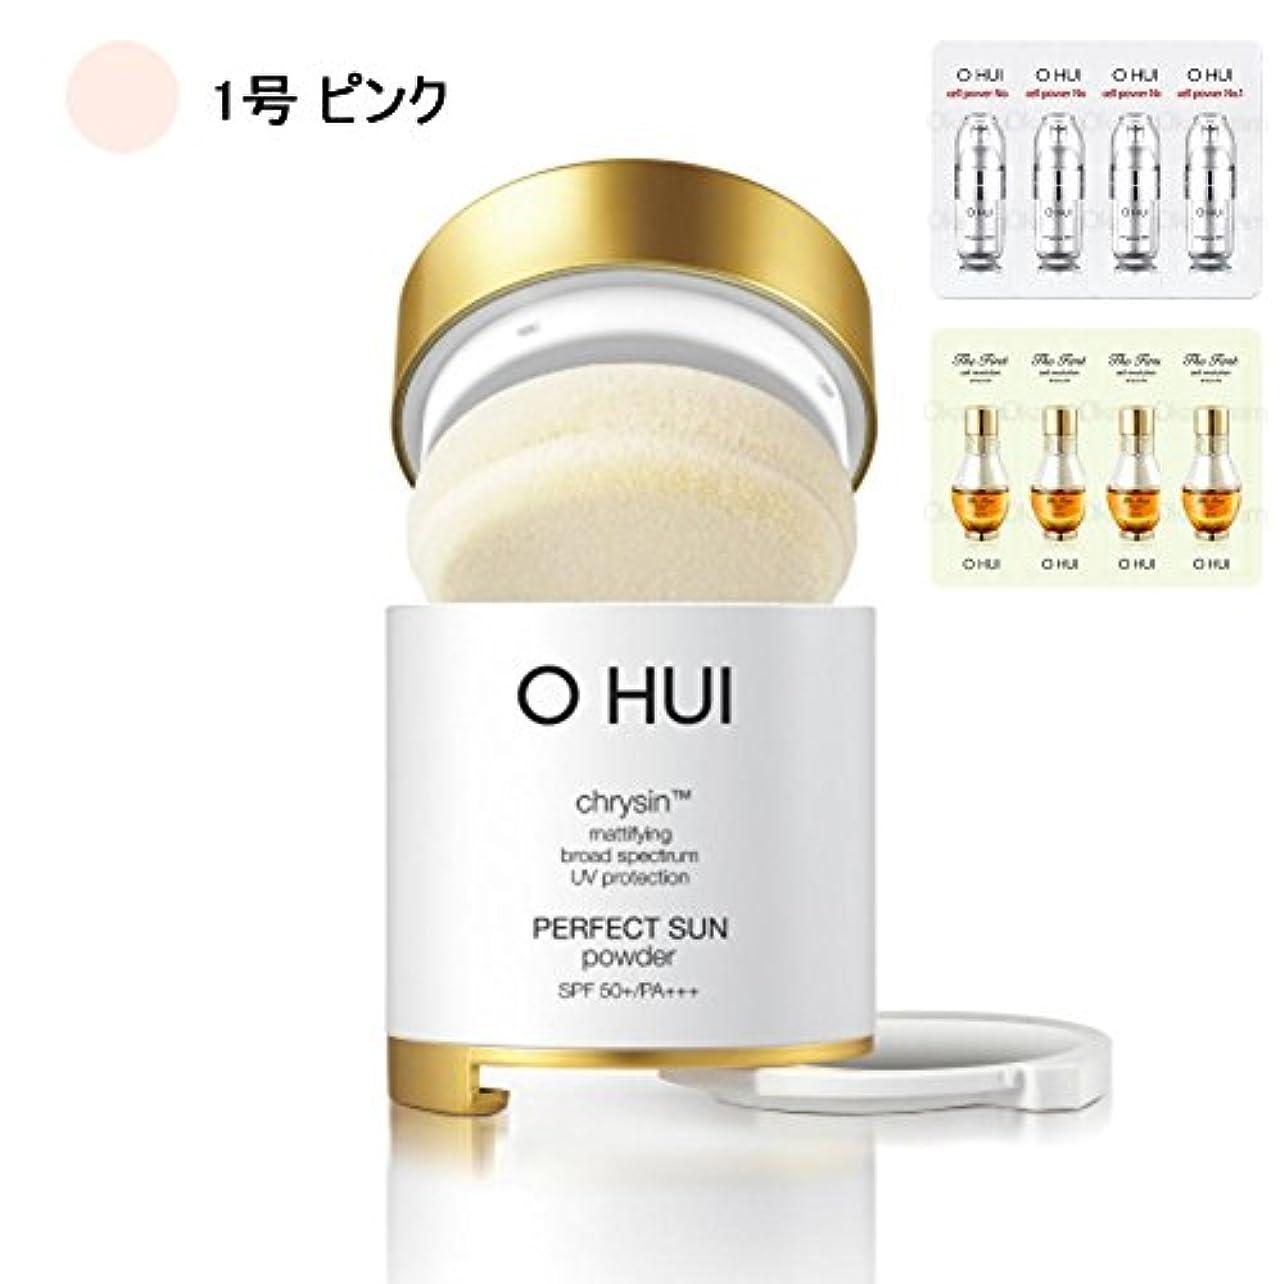 ジョイント必要性奪う[オフィ/O HUI]韓国化粧品 LG生活健康/OHUI OFS06 PERFECT SUN POWDER/オフィ パーフェクトサンパウダー 1号 (SPF50+/PA+++) +[Sample Gift](海外直送品)